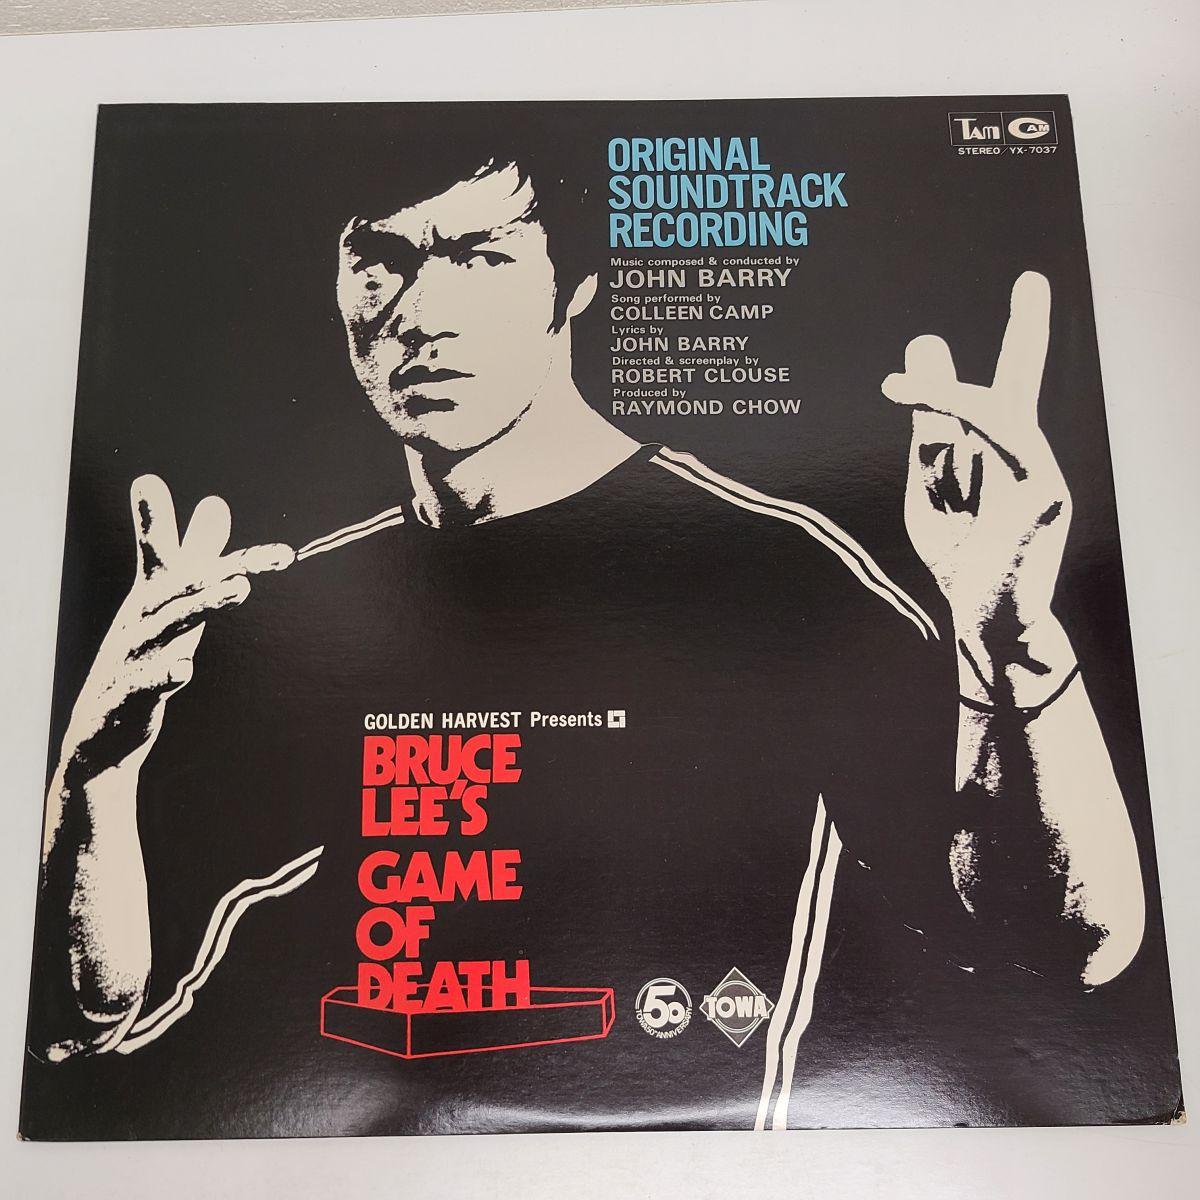 【レコード買取】ブルースリー「死亡遊戯」映画オリジナルサントラ盤 YX-7037の買取り実績♪